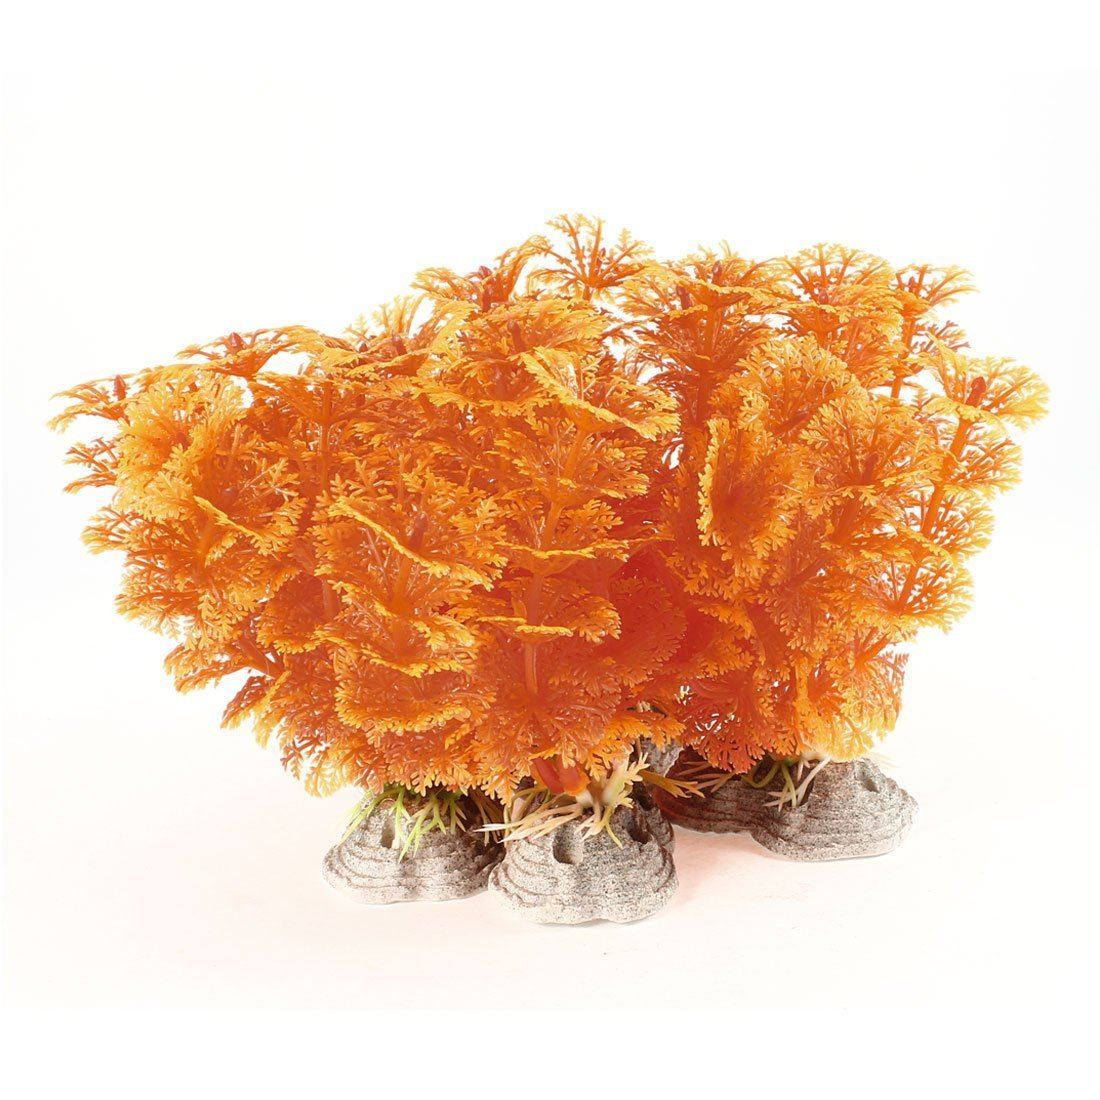 1Pc 4 Piece Aquascaping Snowflake Plant Aquarium Ornament, 4 , orange